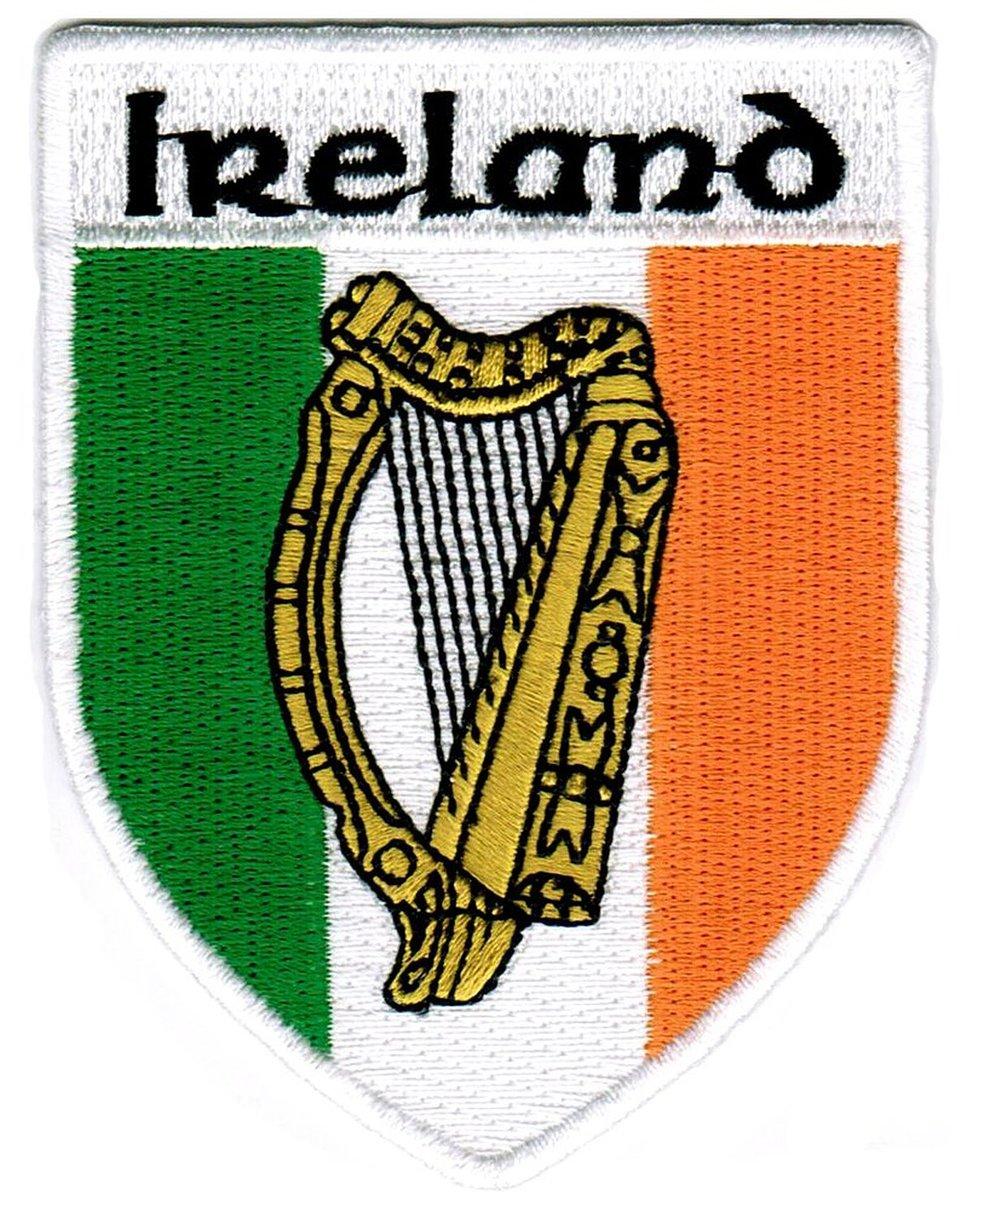 The Irish harp